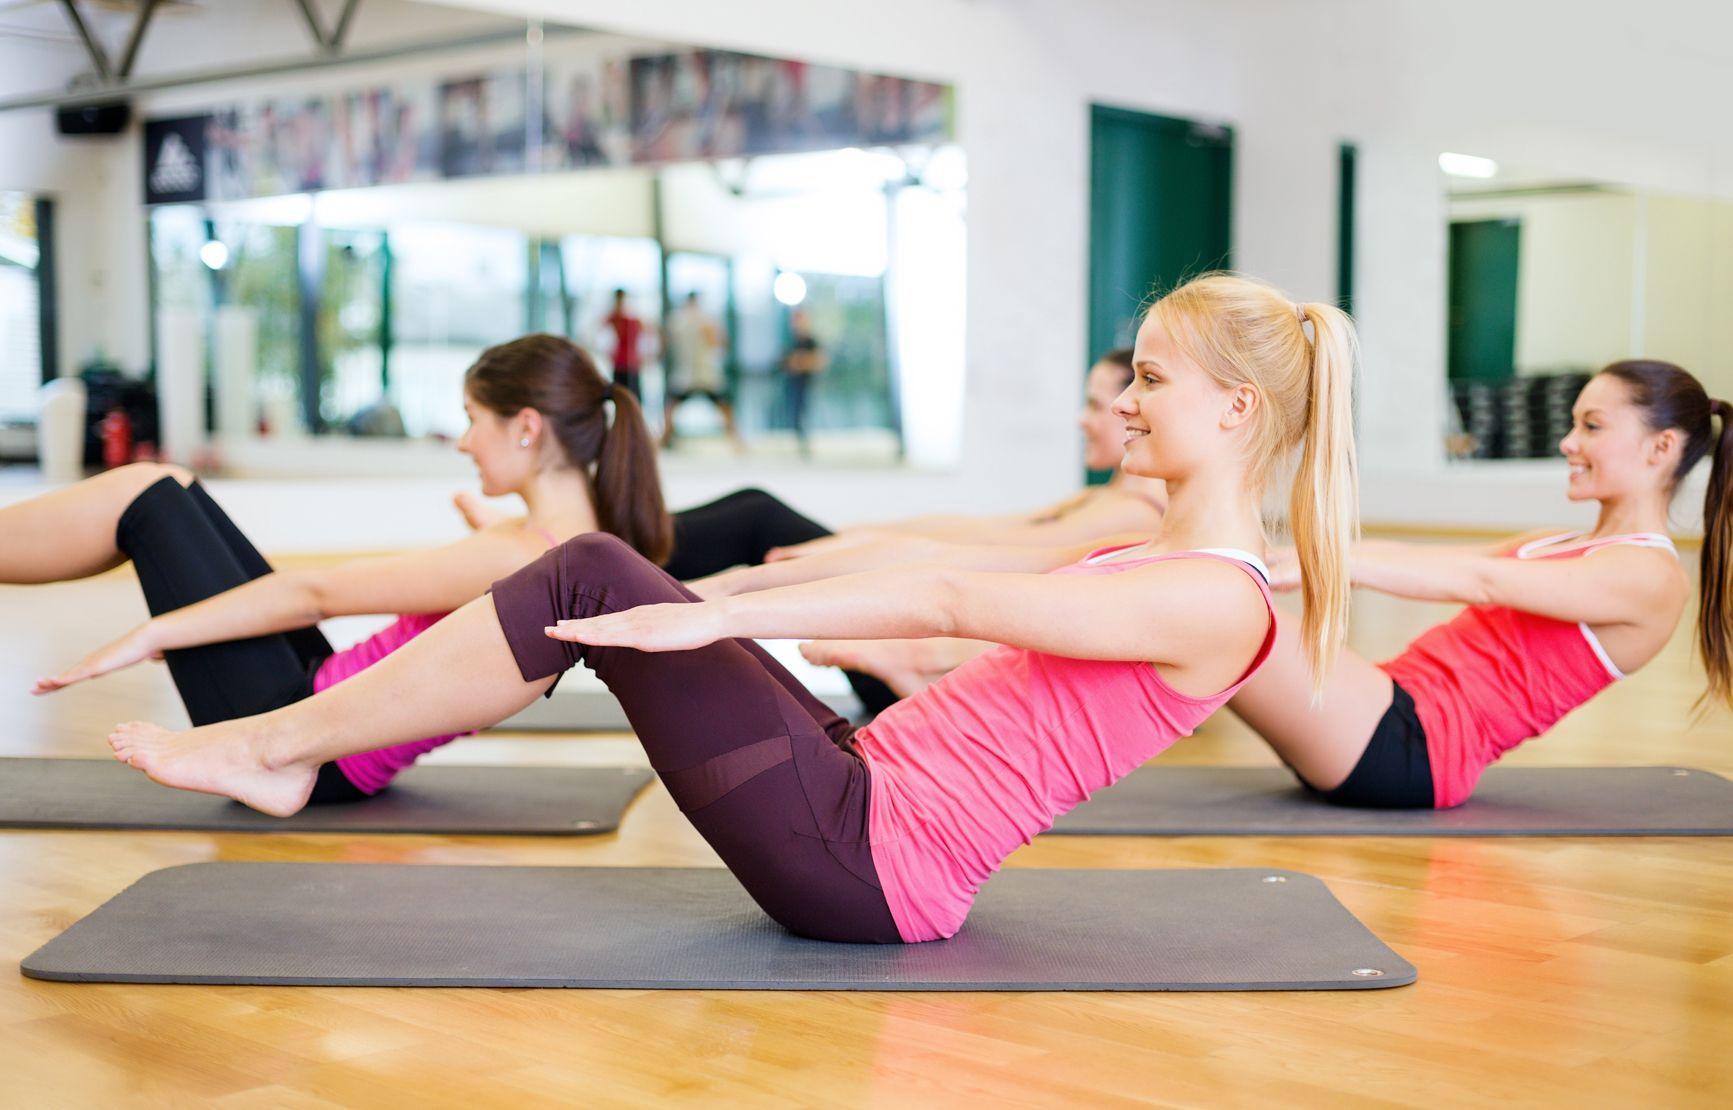 ejercicios-pilates-para-reforzar-el-suelo-pelvico - Instema ...